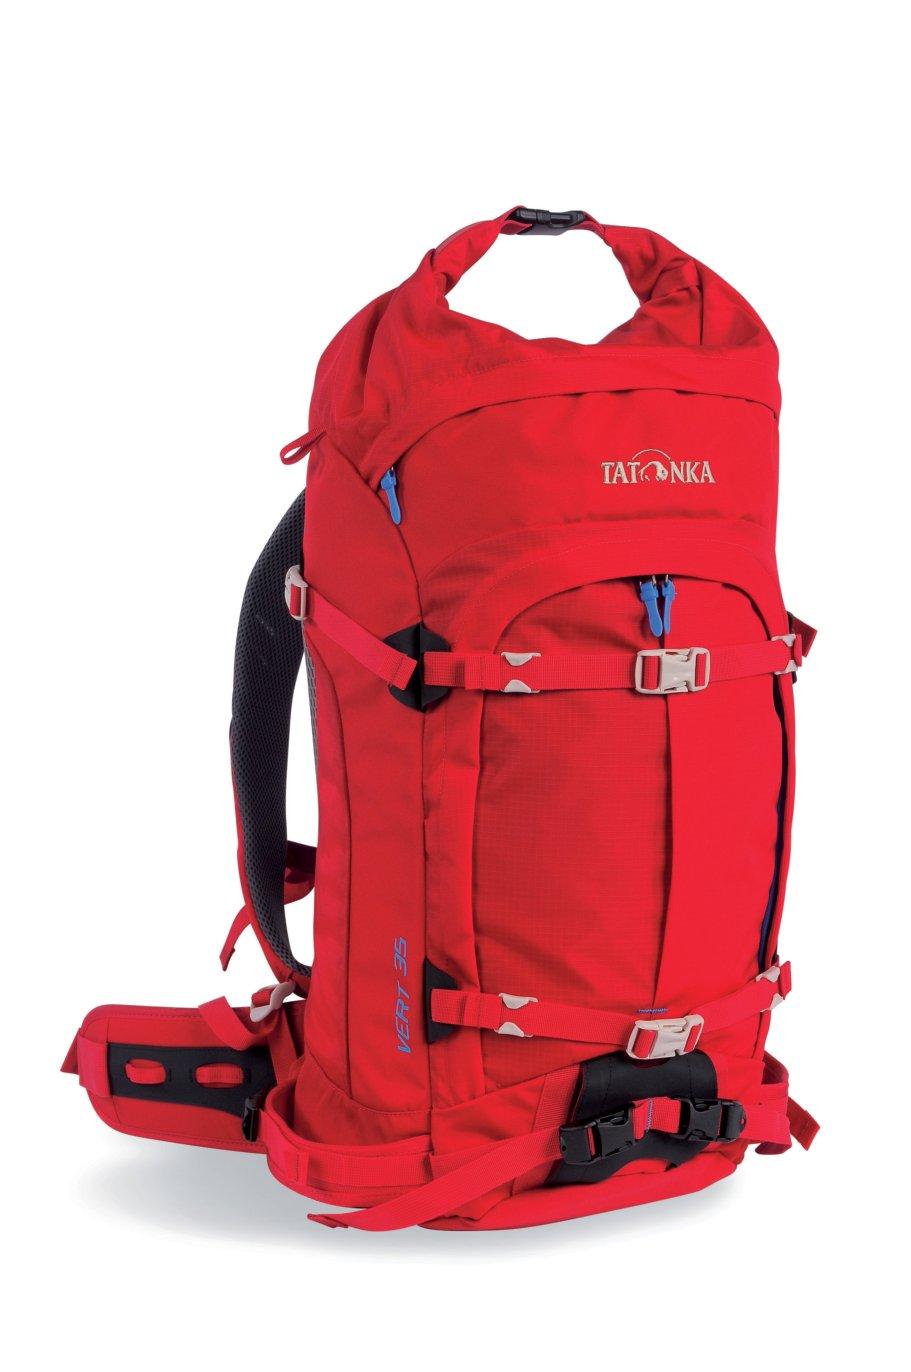 Tatonka Vert 35 red-30